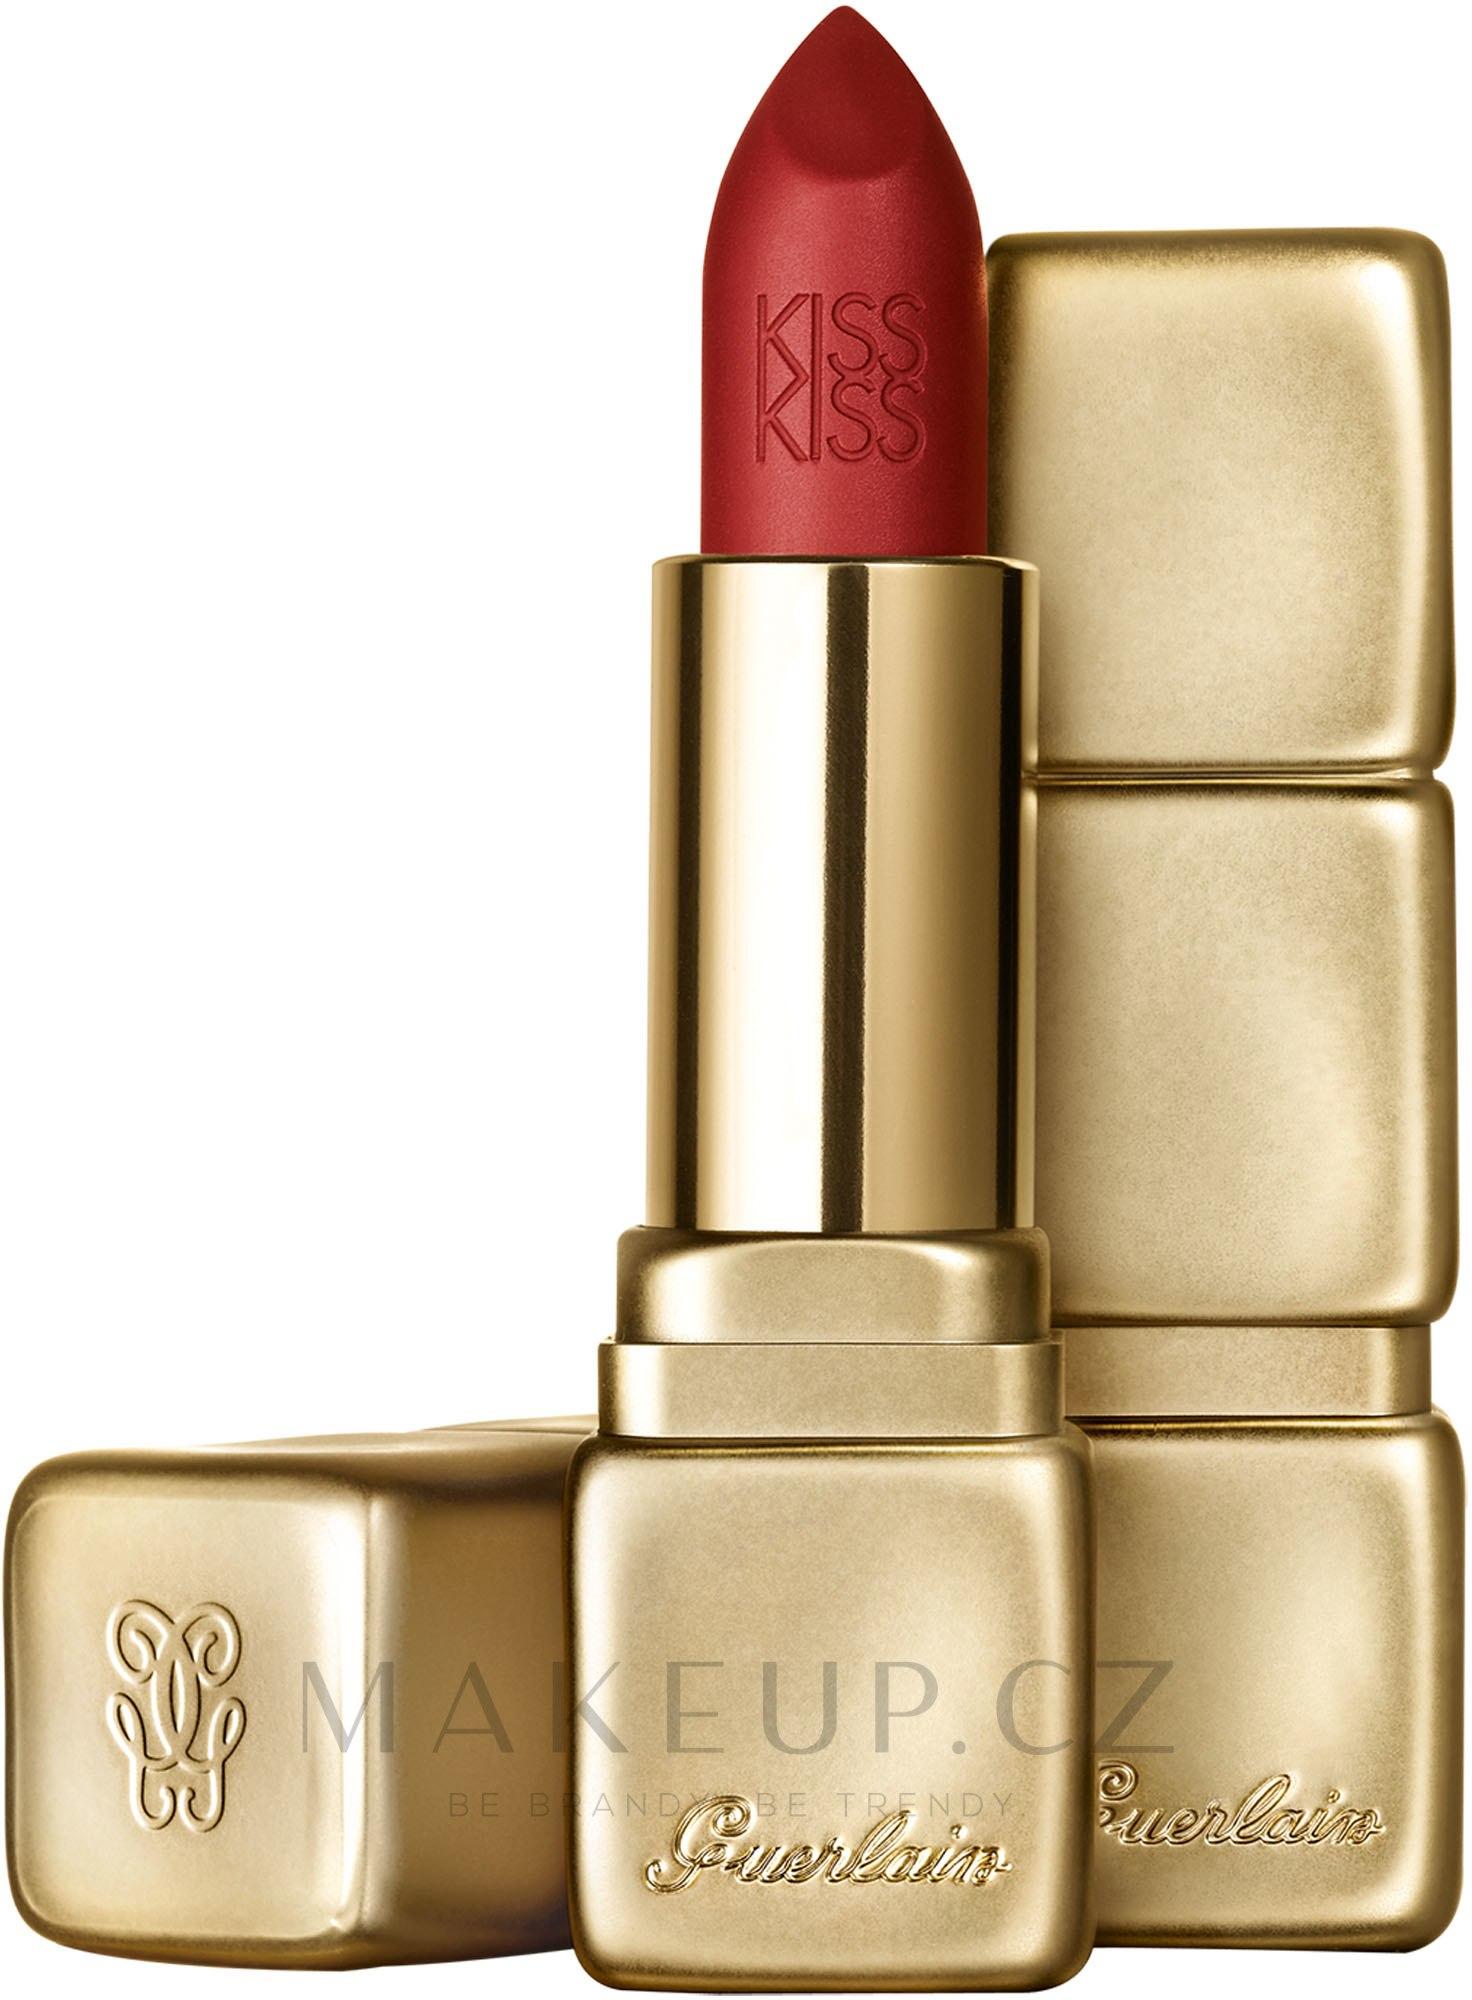 GUERLAIN - KissKiss Matte Hydrating Matte Lip Colour | Buy